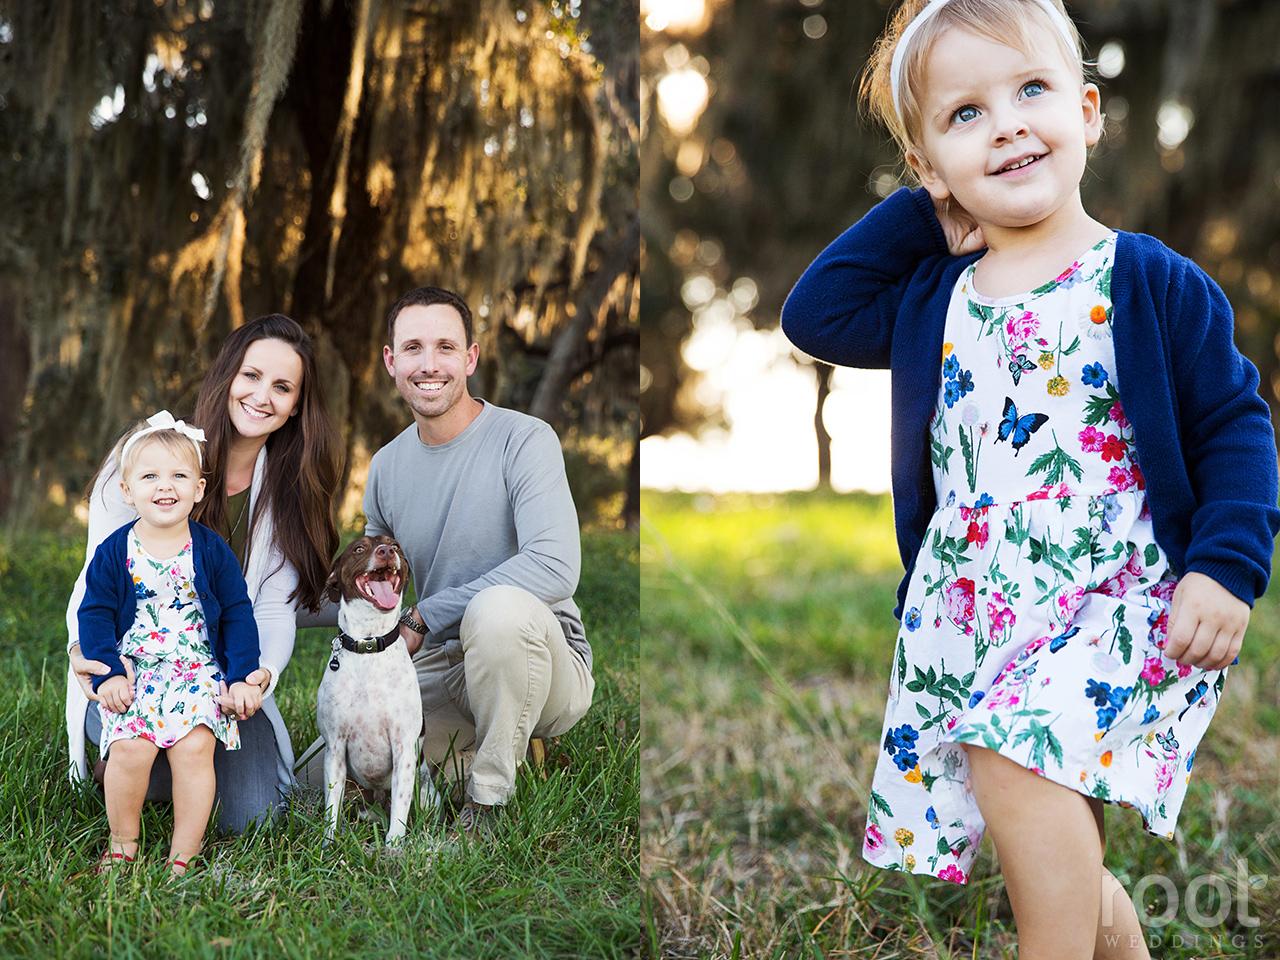 winter-garden-family-session-photographer-08